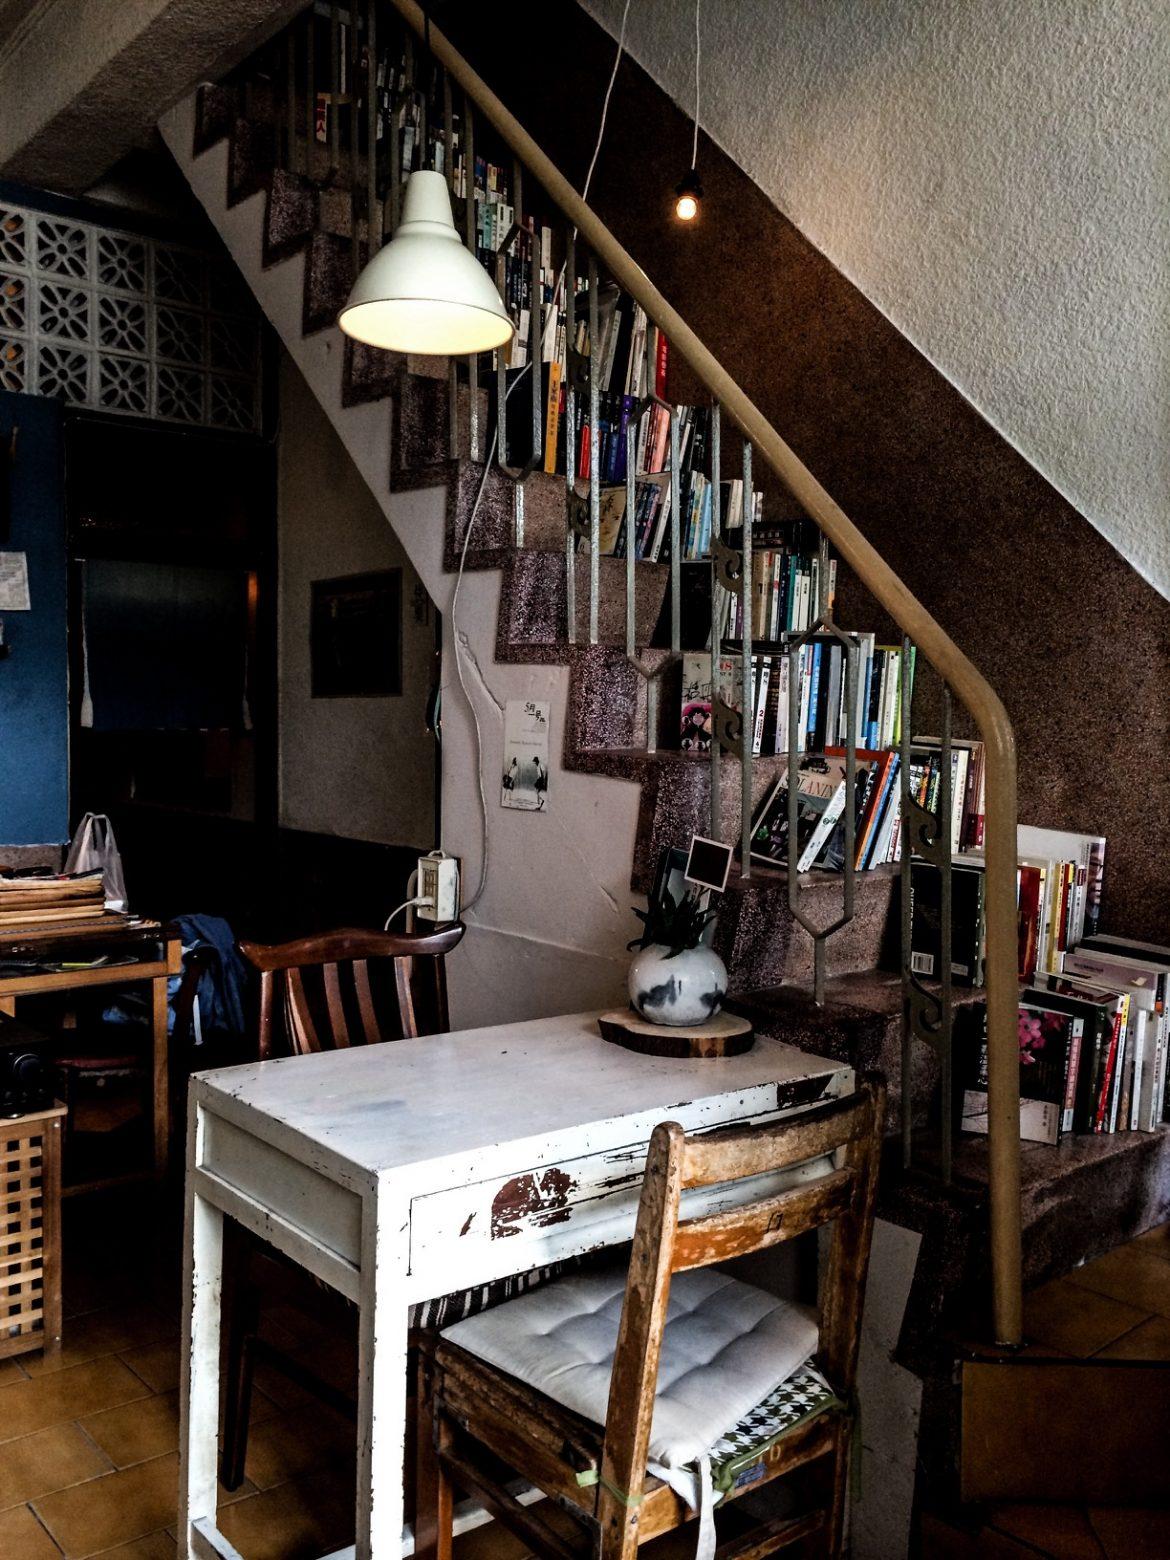 在放滿書籍的樓梯上挑本好書,靜靜閱讀,自是與自己獨處的好時光。